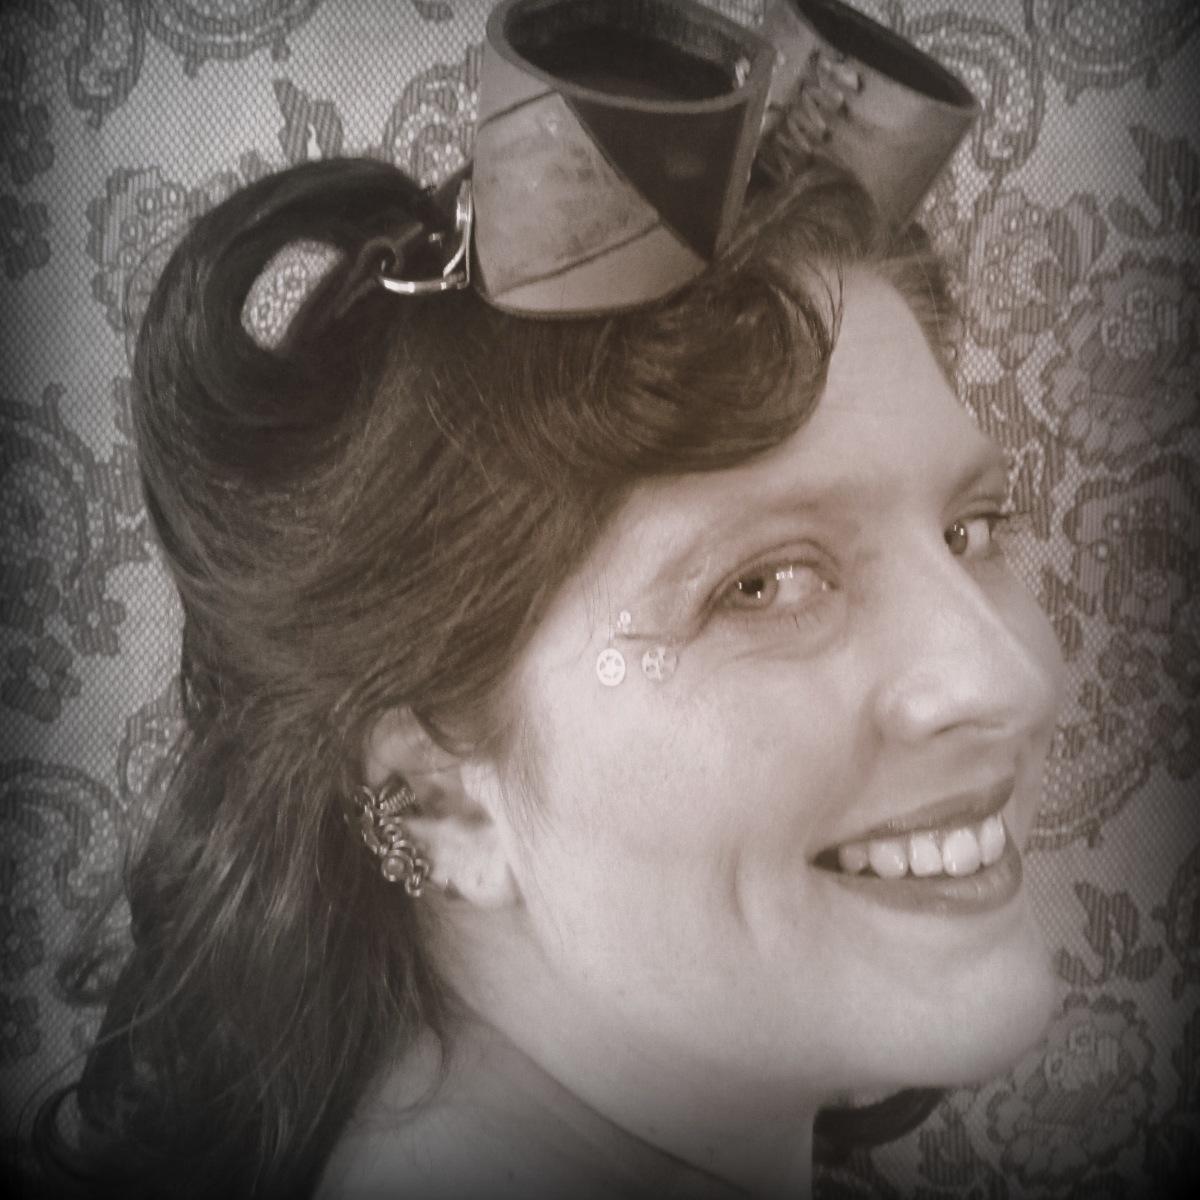 Phoebe Darqueling